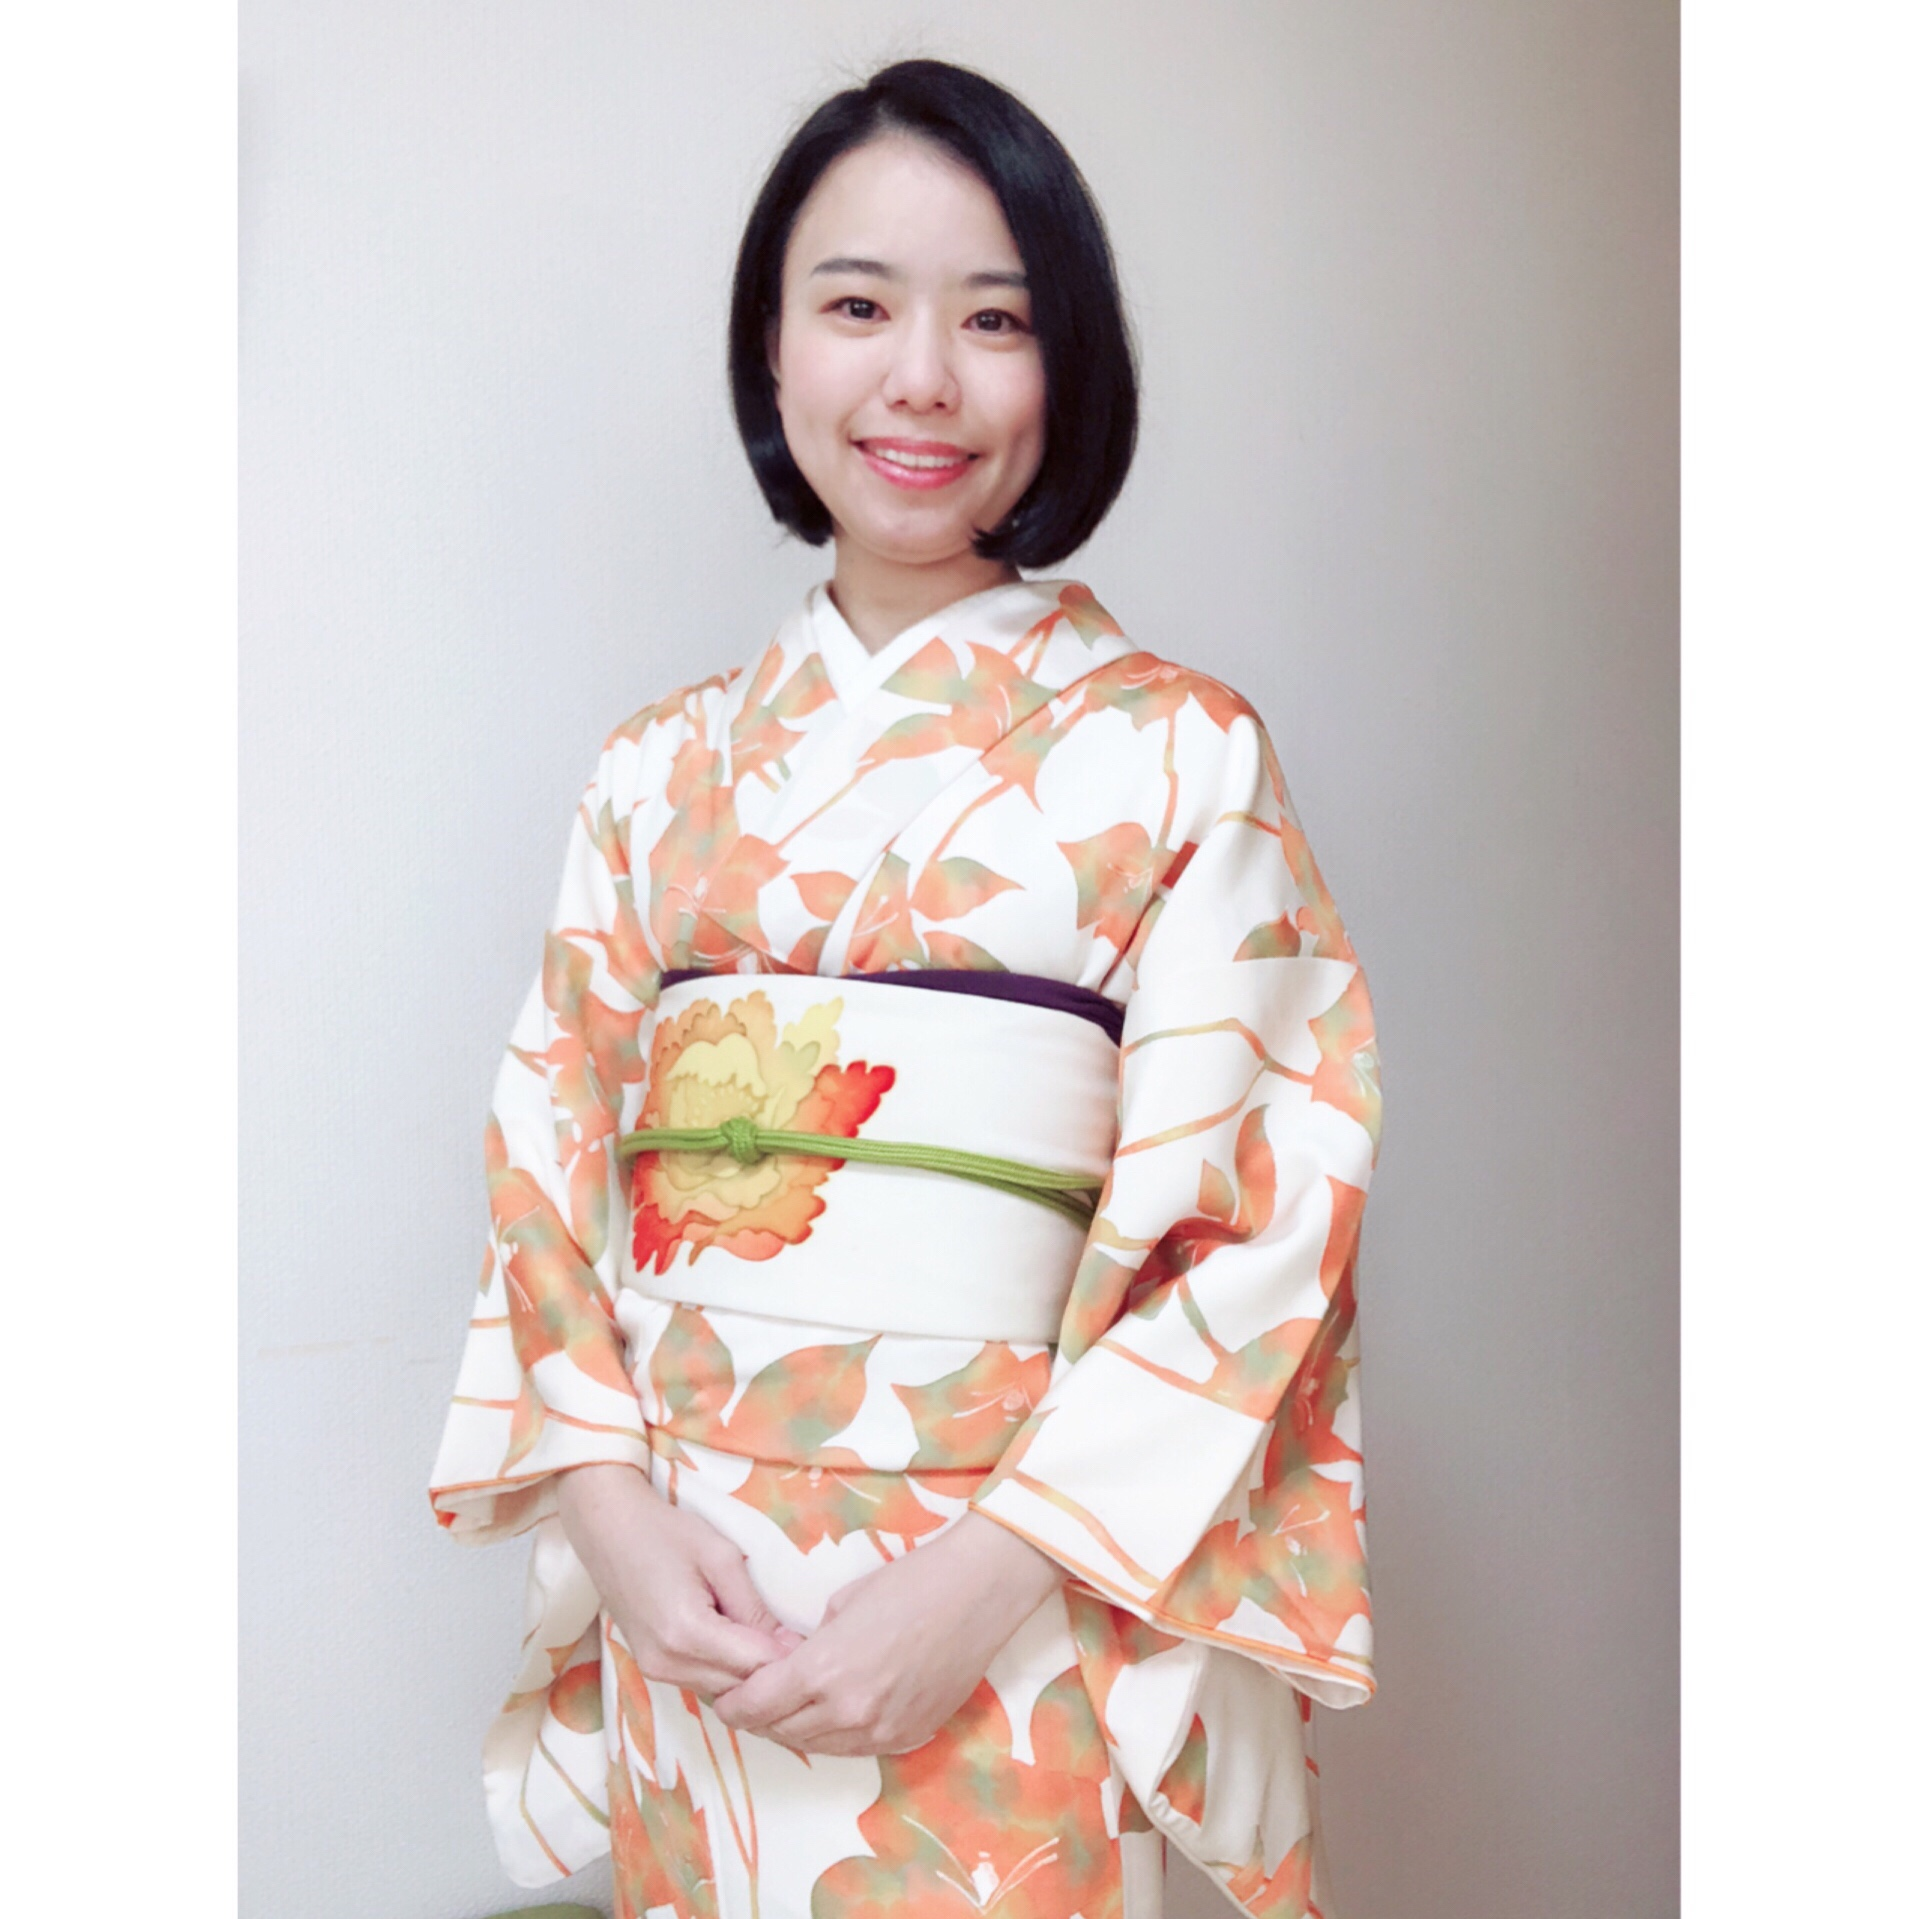 昼ドラがいかに好きかを着物で表現しました【大阪京橋の着付け教室きものたまより】